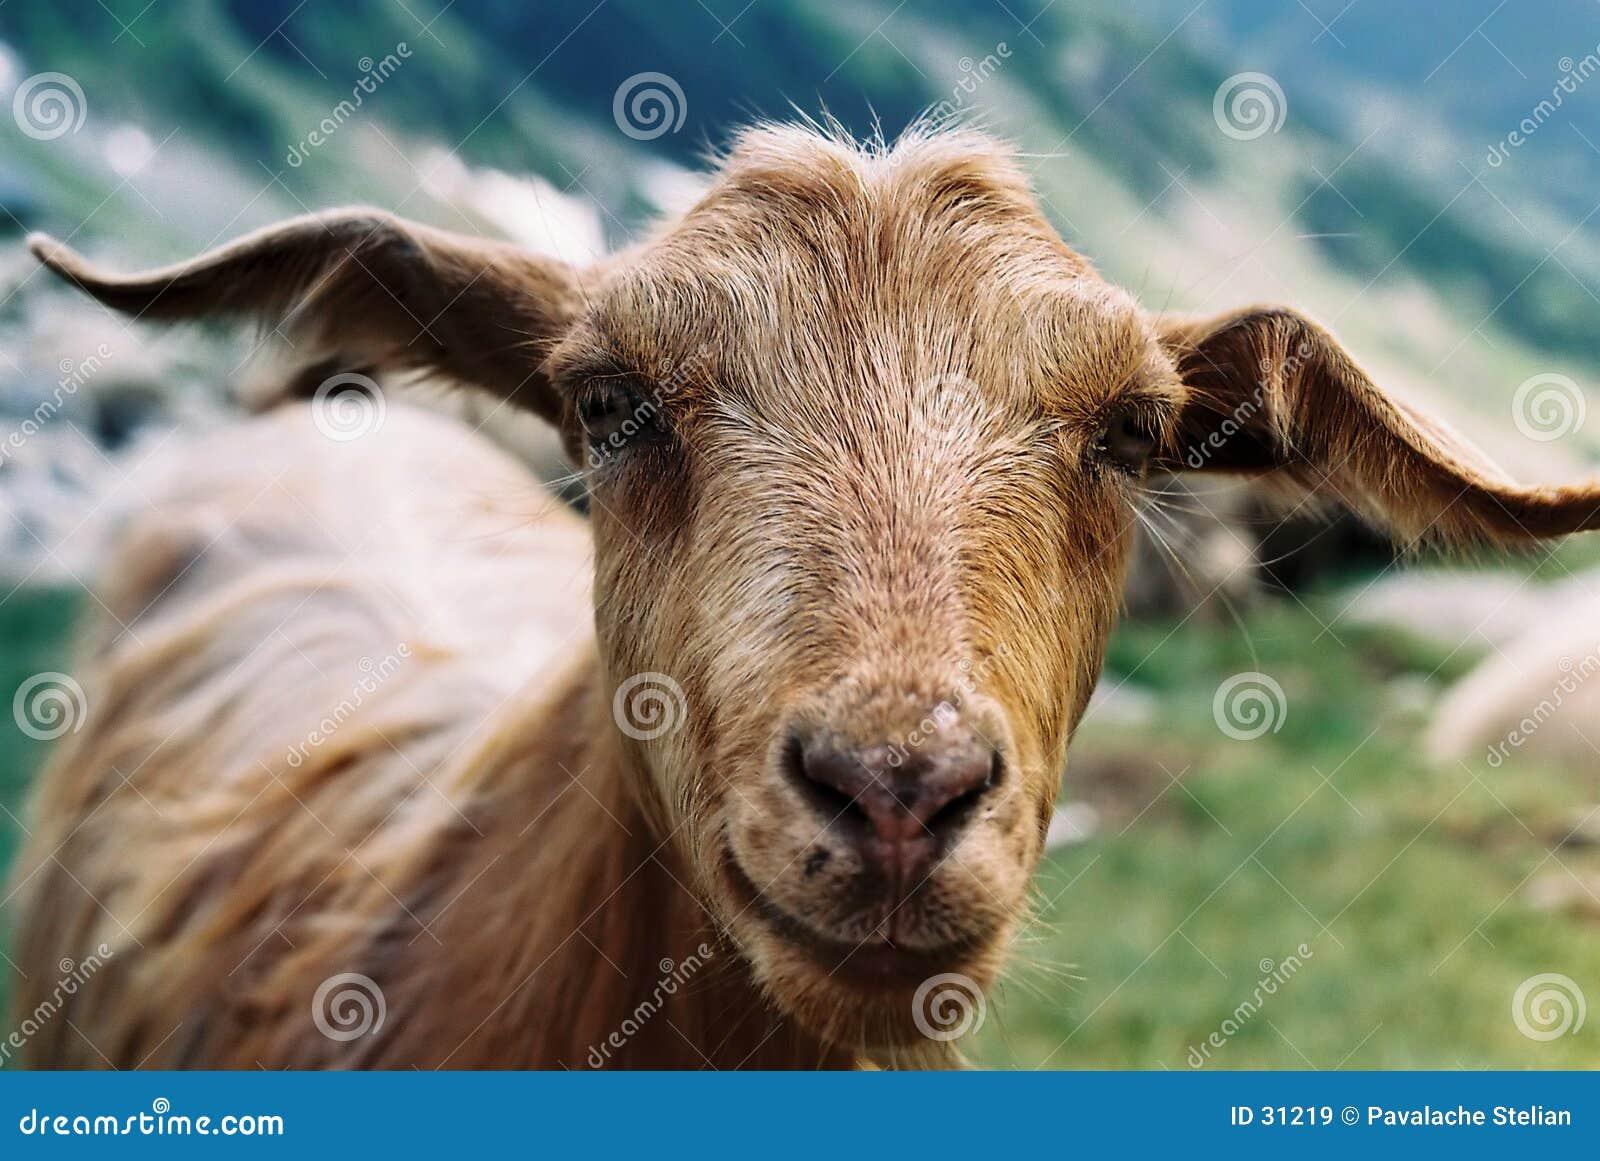 Download Cabra en Fagaras imagen de archivo. Imagen de rural, montañas - 31219